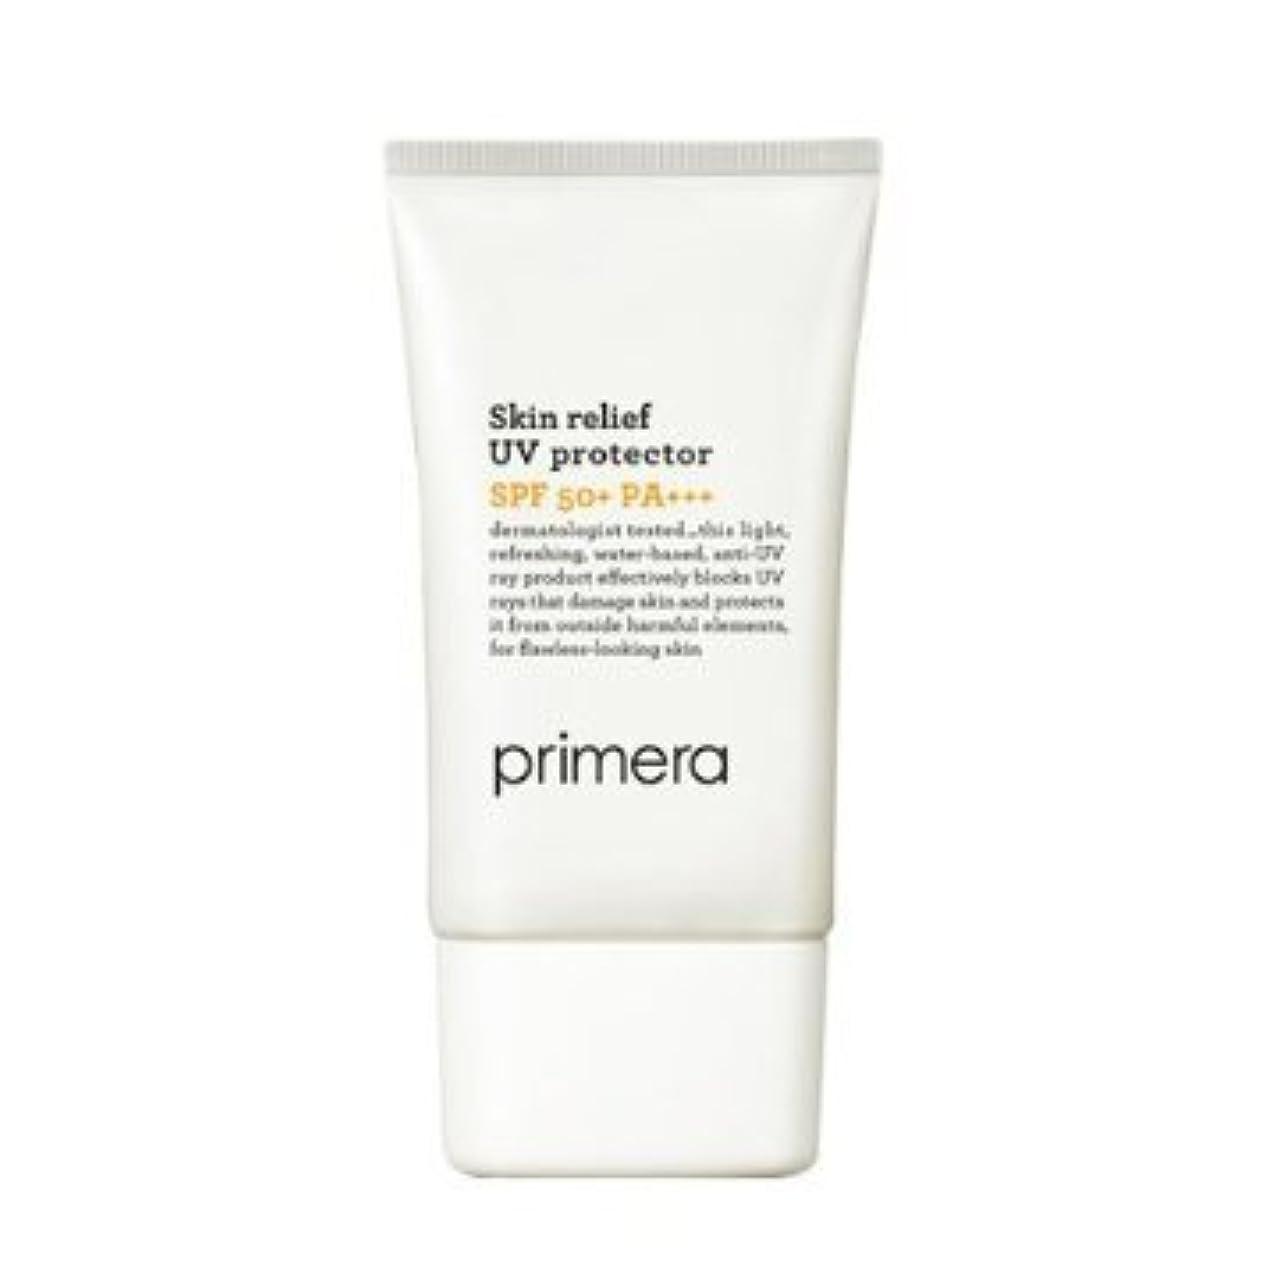 つま先ジャズリースKorean Cosmetics, Amorepacific Primera Skin Relief UV Protector SPF50+ PA+++ 50ml[行輸入品]